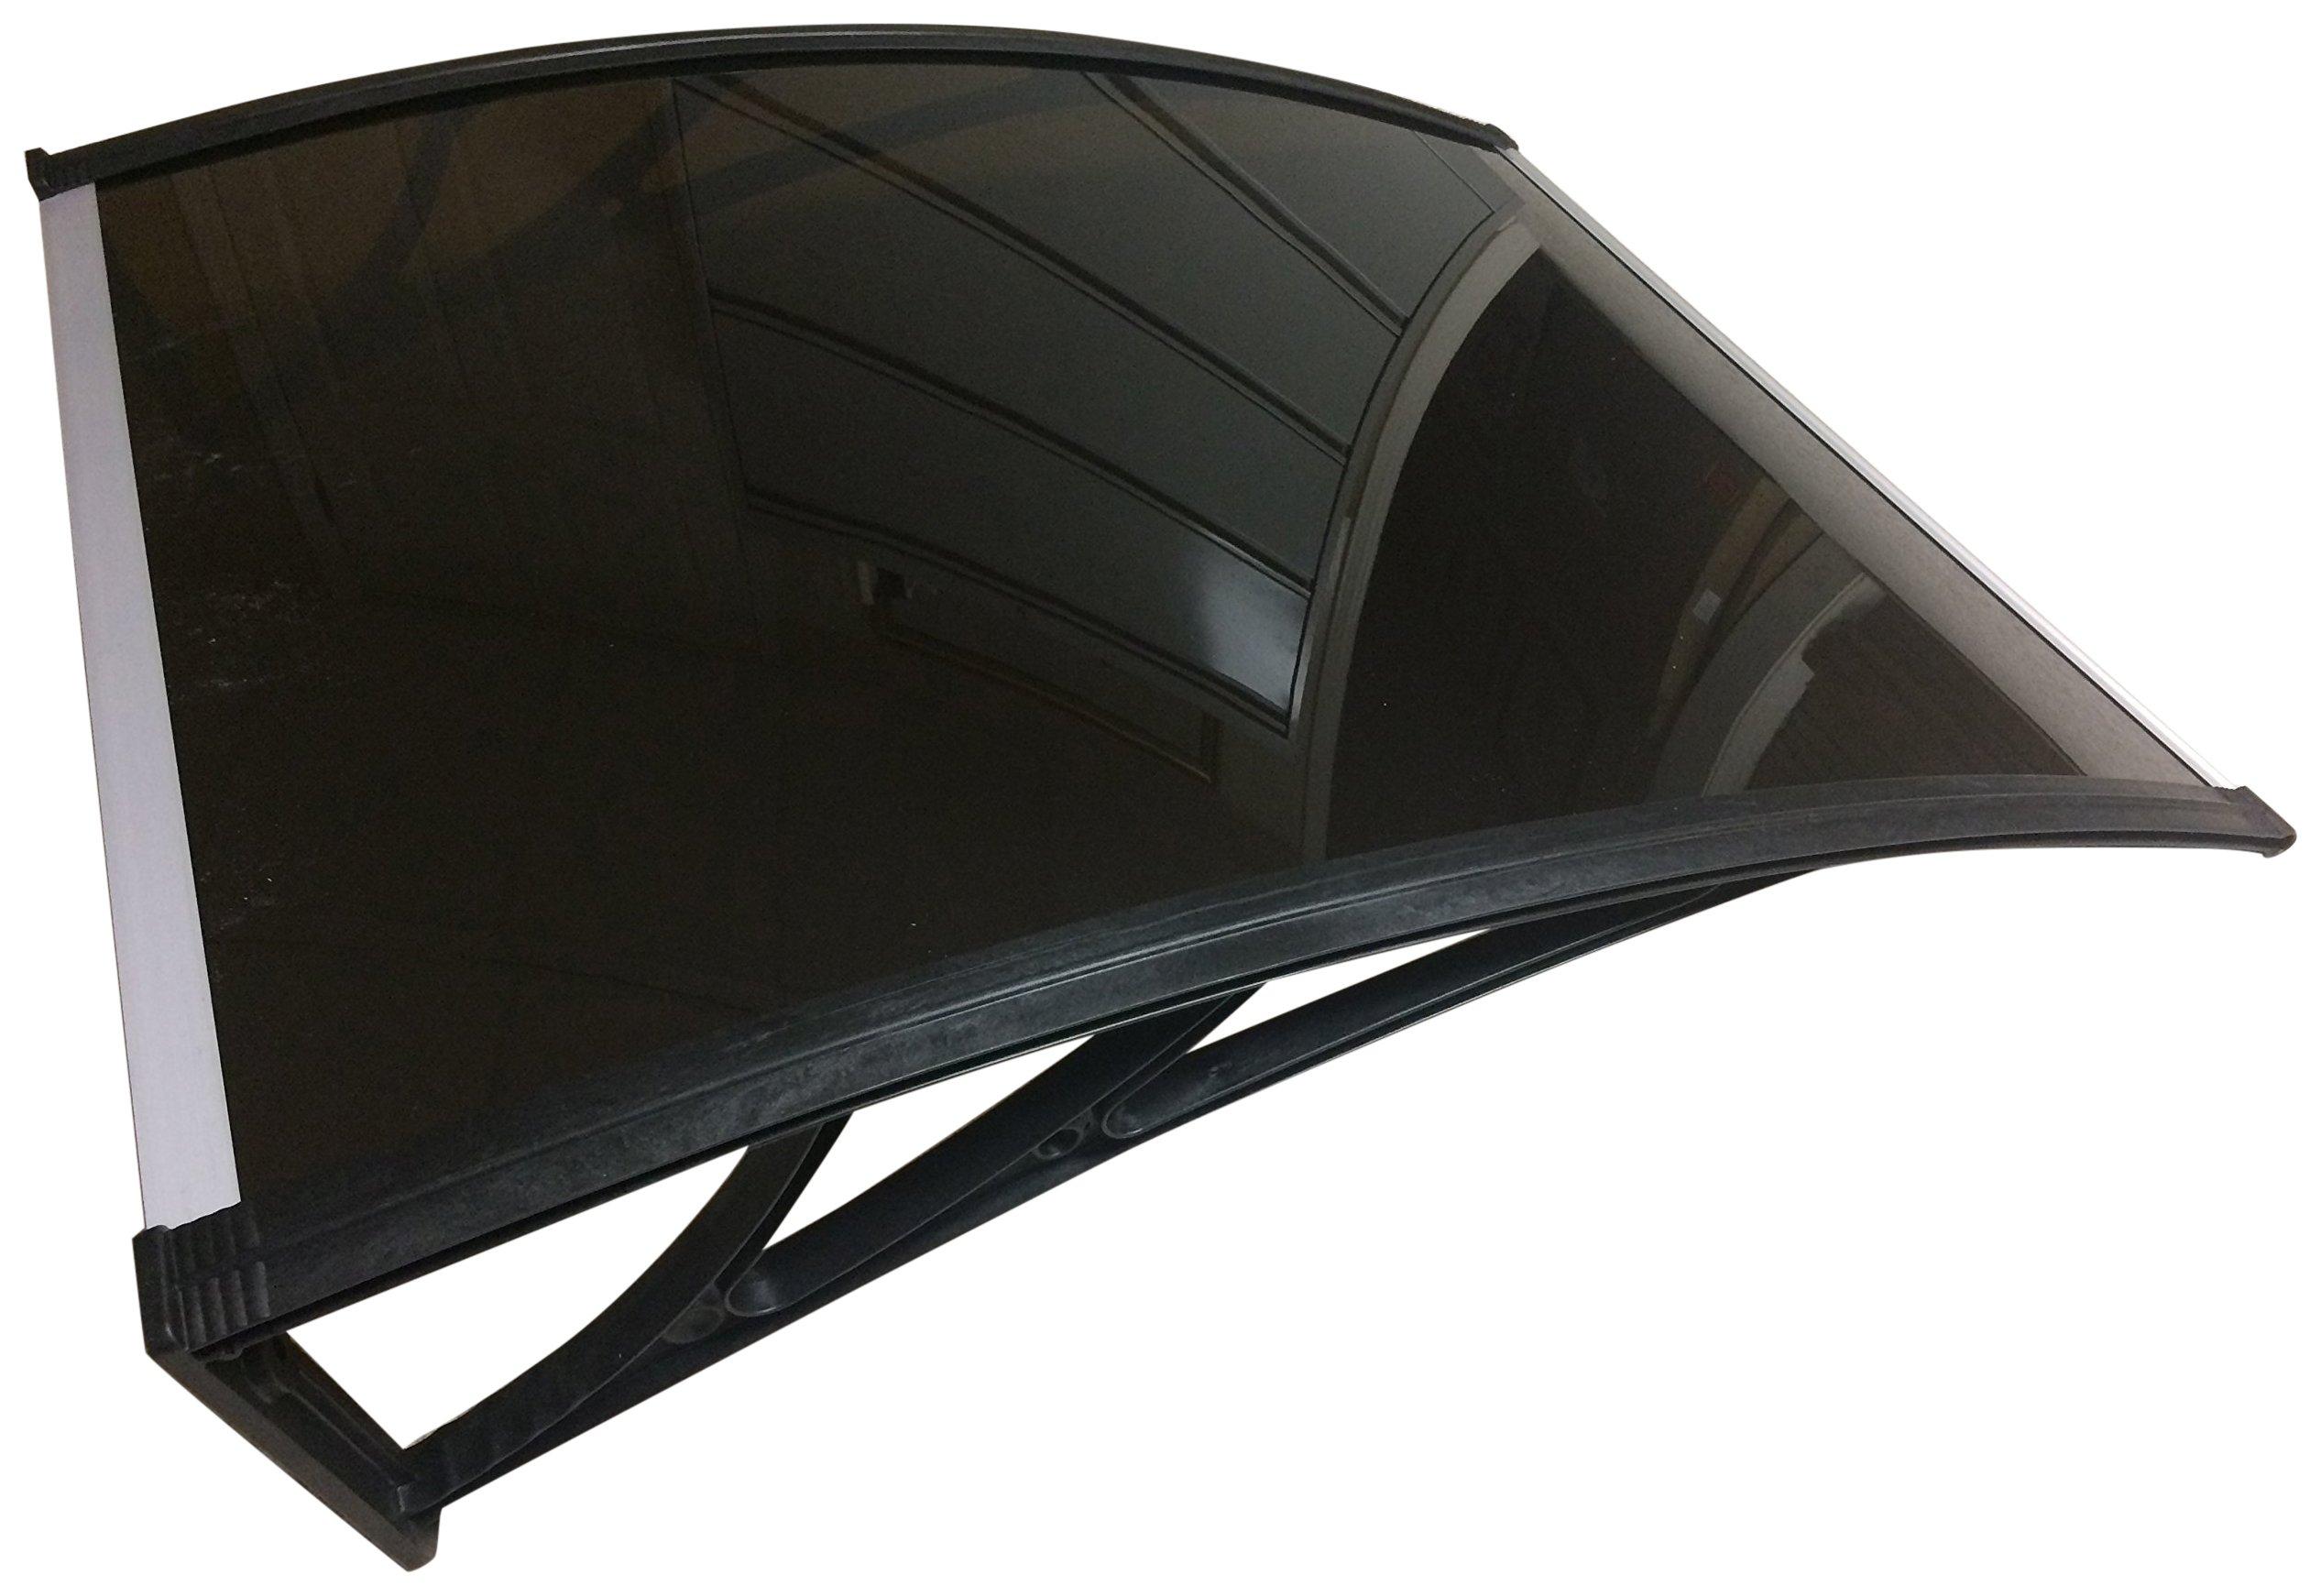 Denmir Door-Window Awnings Solid Panel, 9ft x 4ft Brown